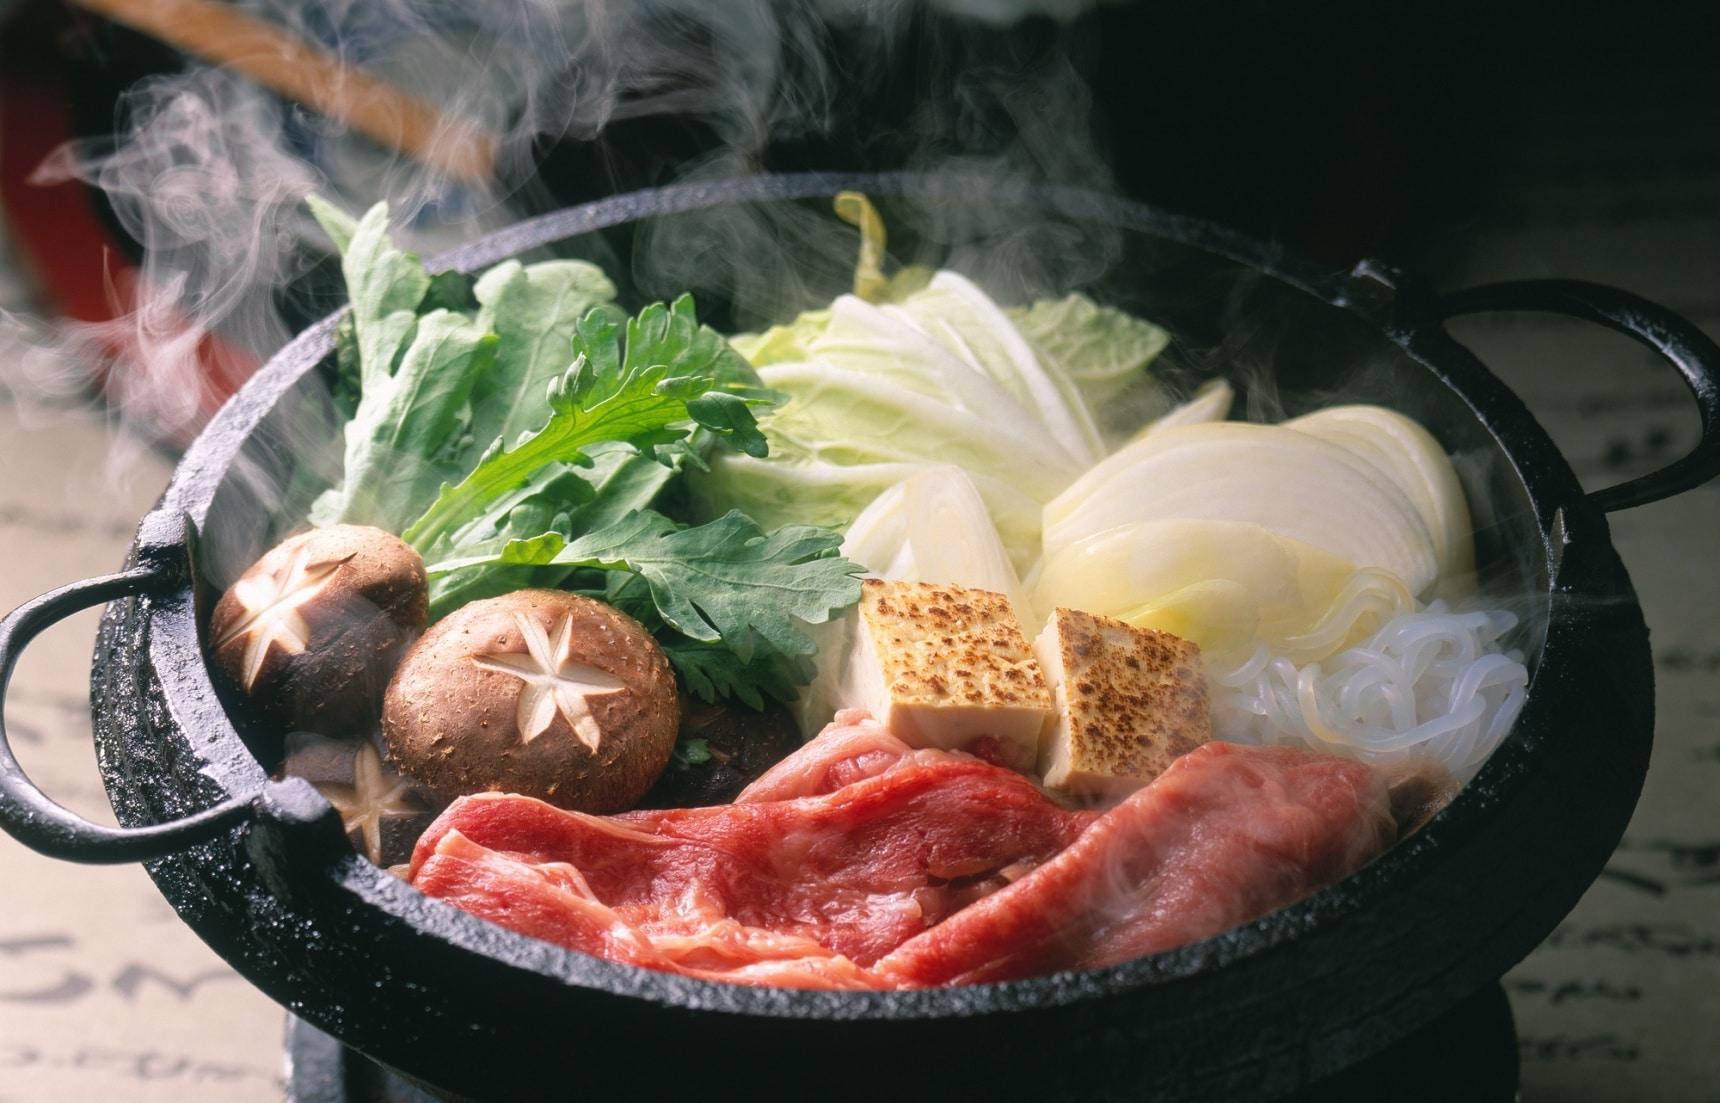 【日本美食】暖胃又暖心!日本人最愛的10大冬季鍋物料理